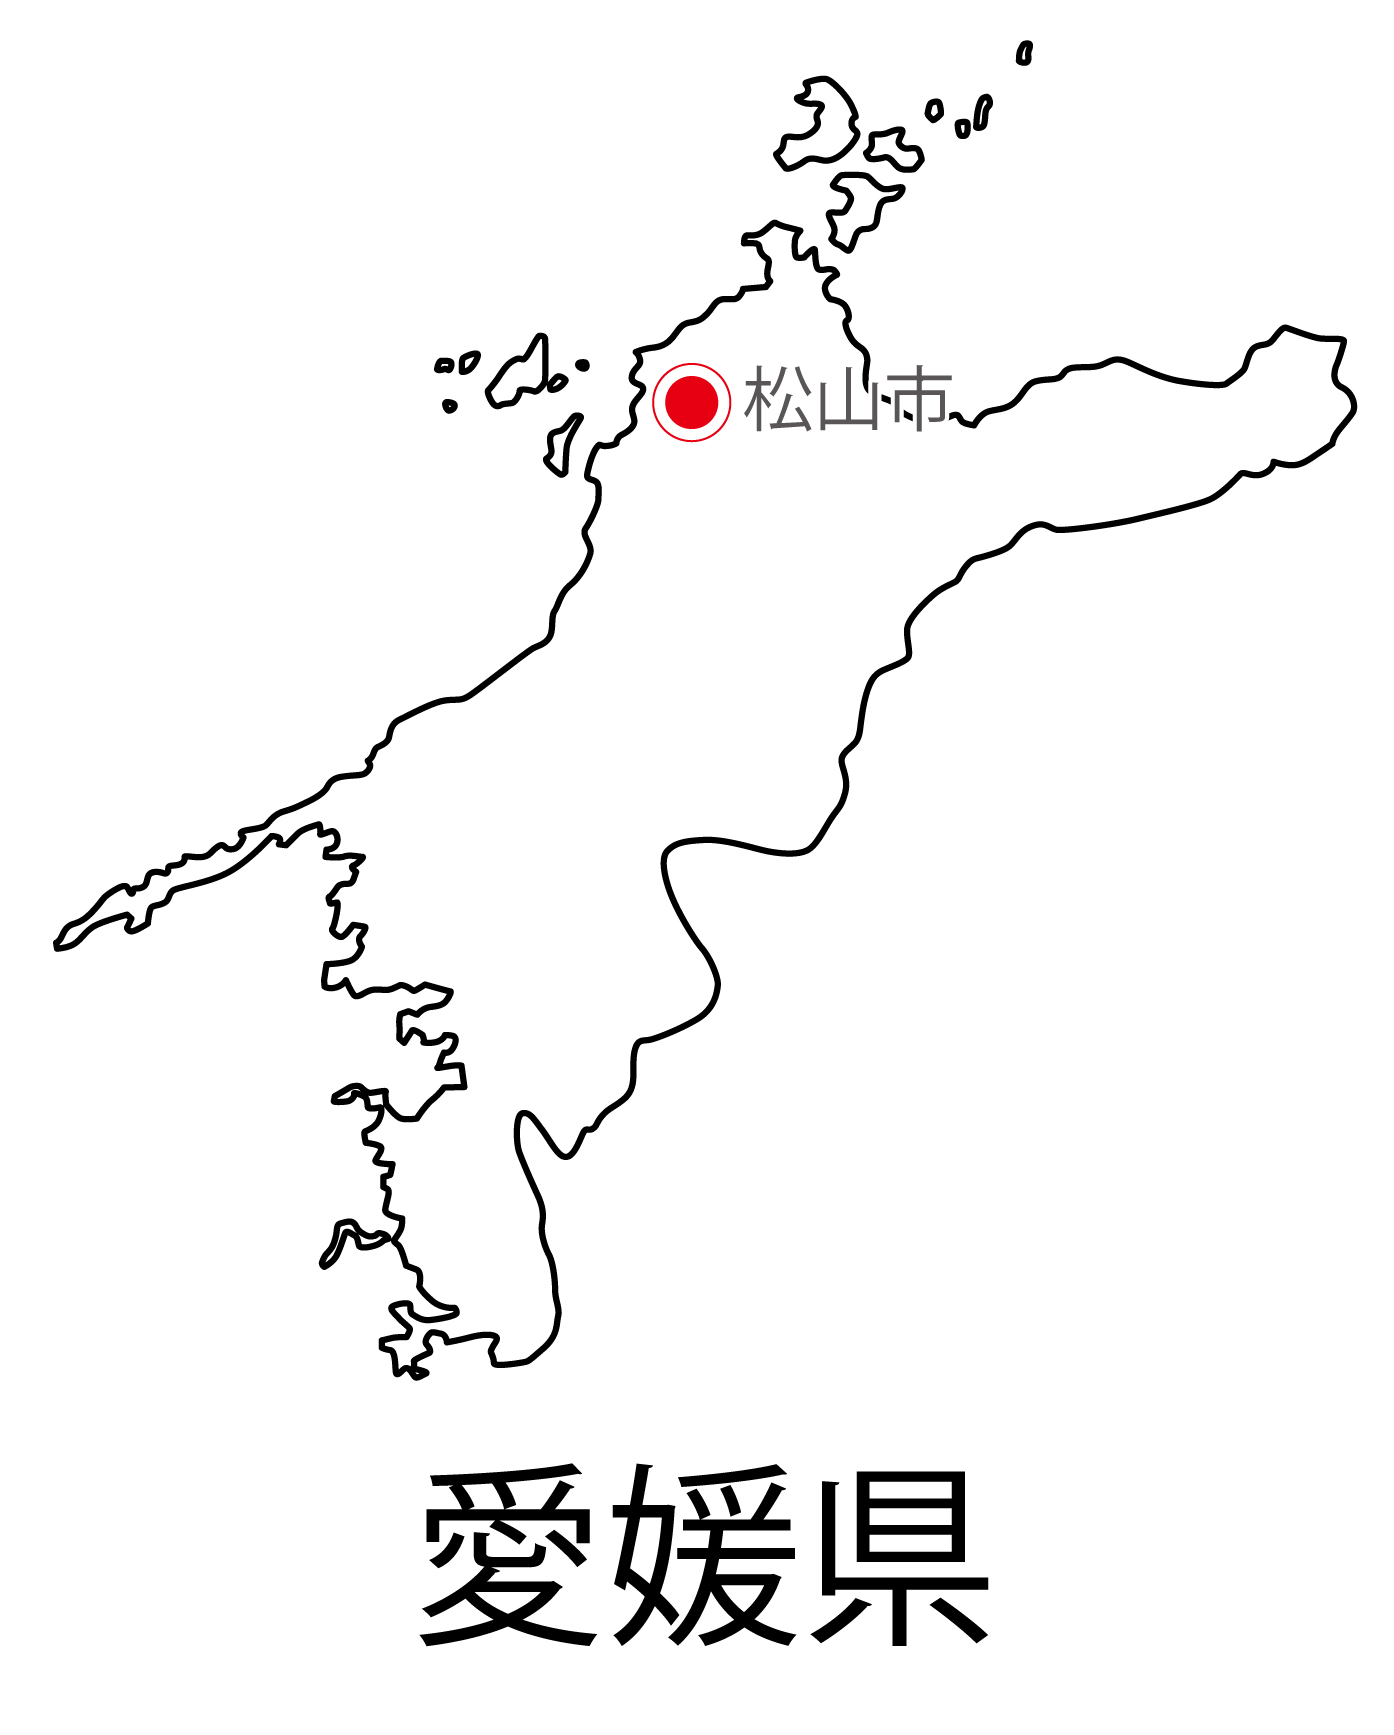 愛媛県無料フリーイラスト|日本語・都道府県名あり・県庁所在地あり(白)